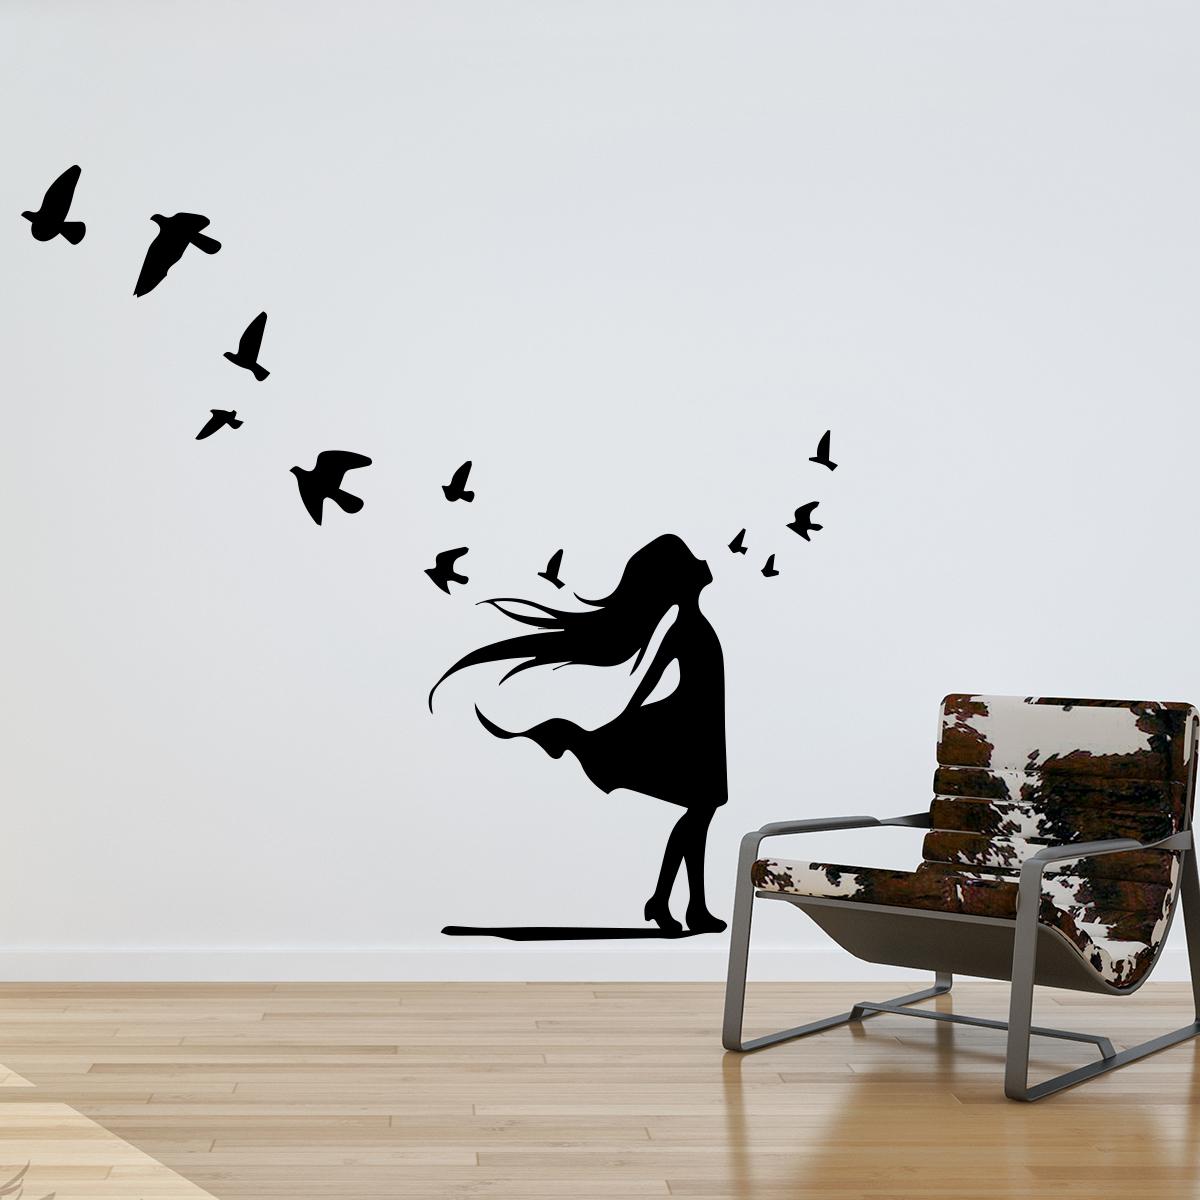 sticker petite fille et vol d 39 oiseaux animaux oiseaux ambiance sticker. Black Bedroom Furniture Sets. Home Design Ideas